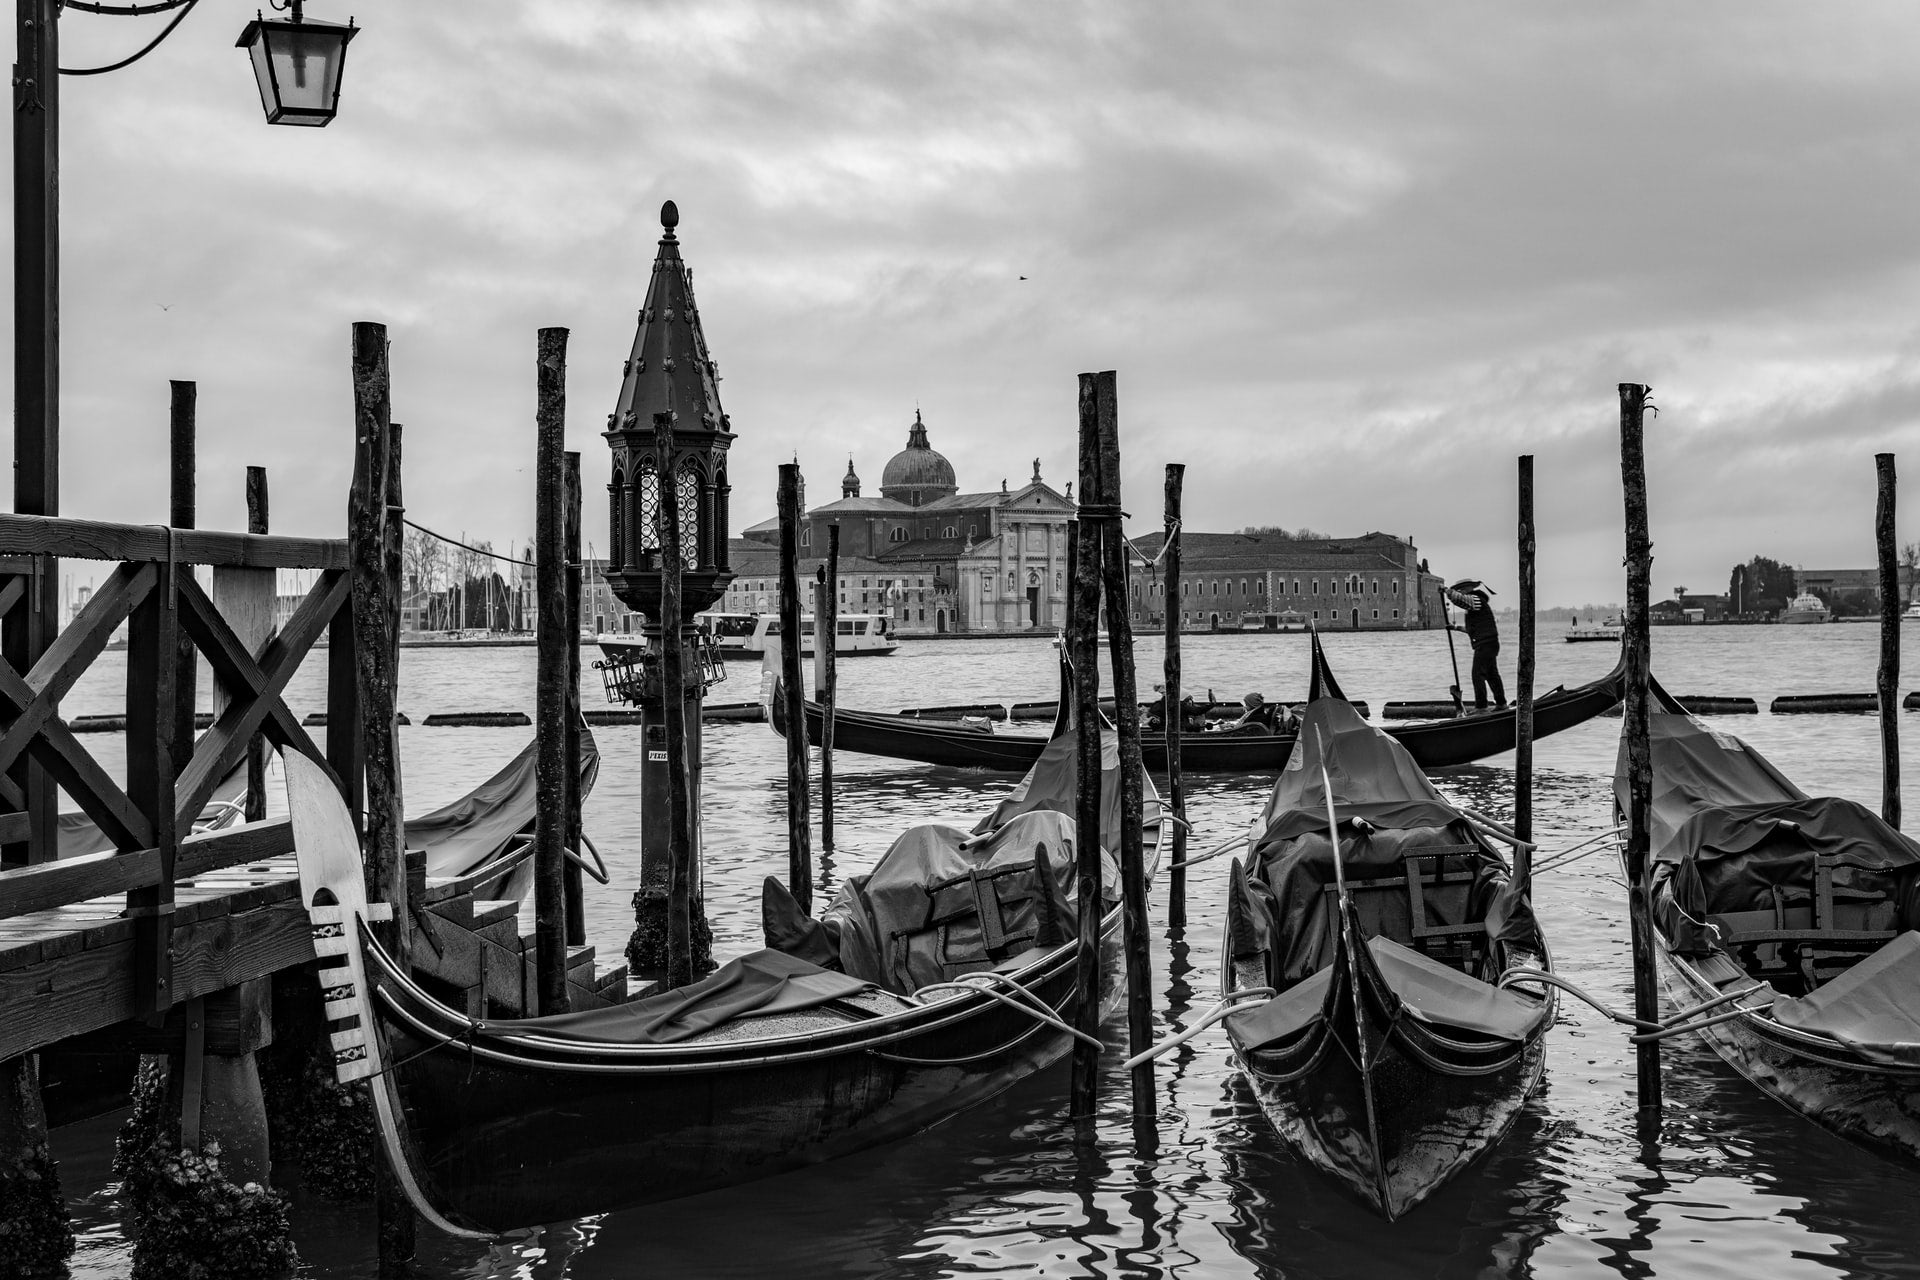 A black and white photo of gondolas in Venice